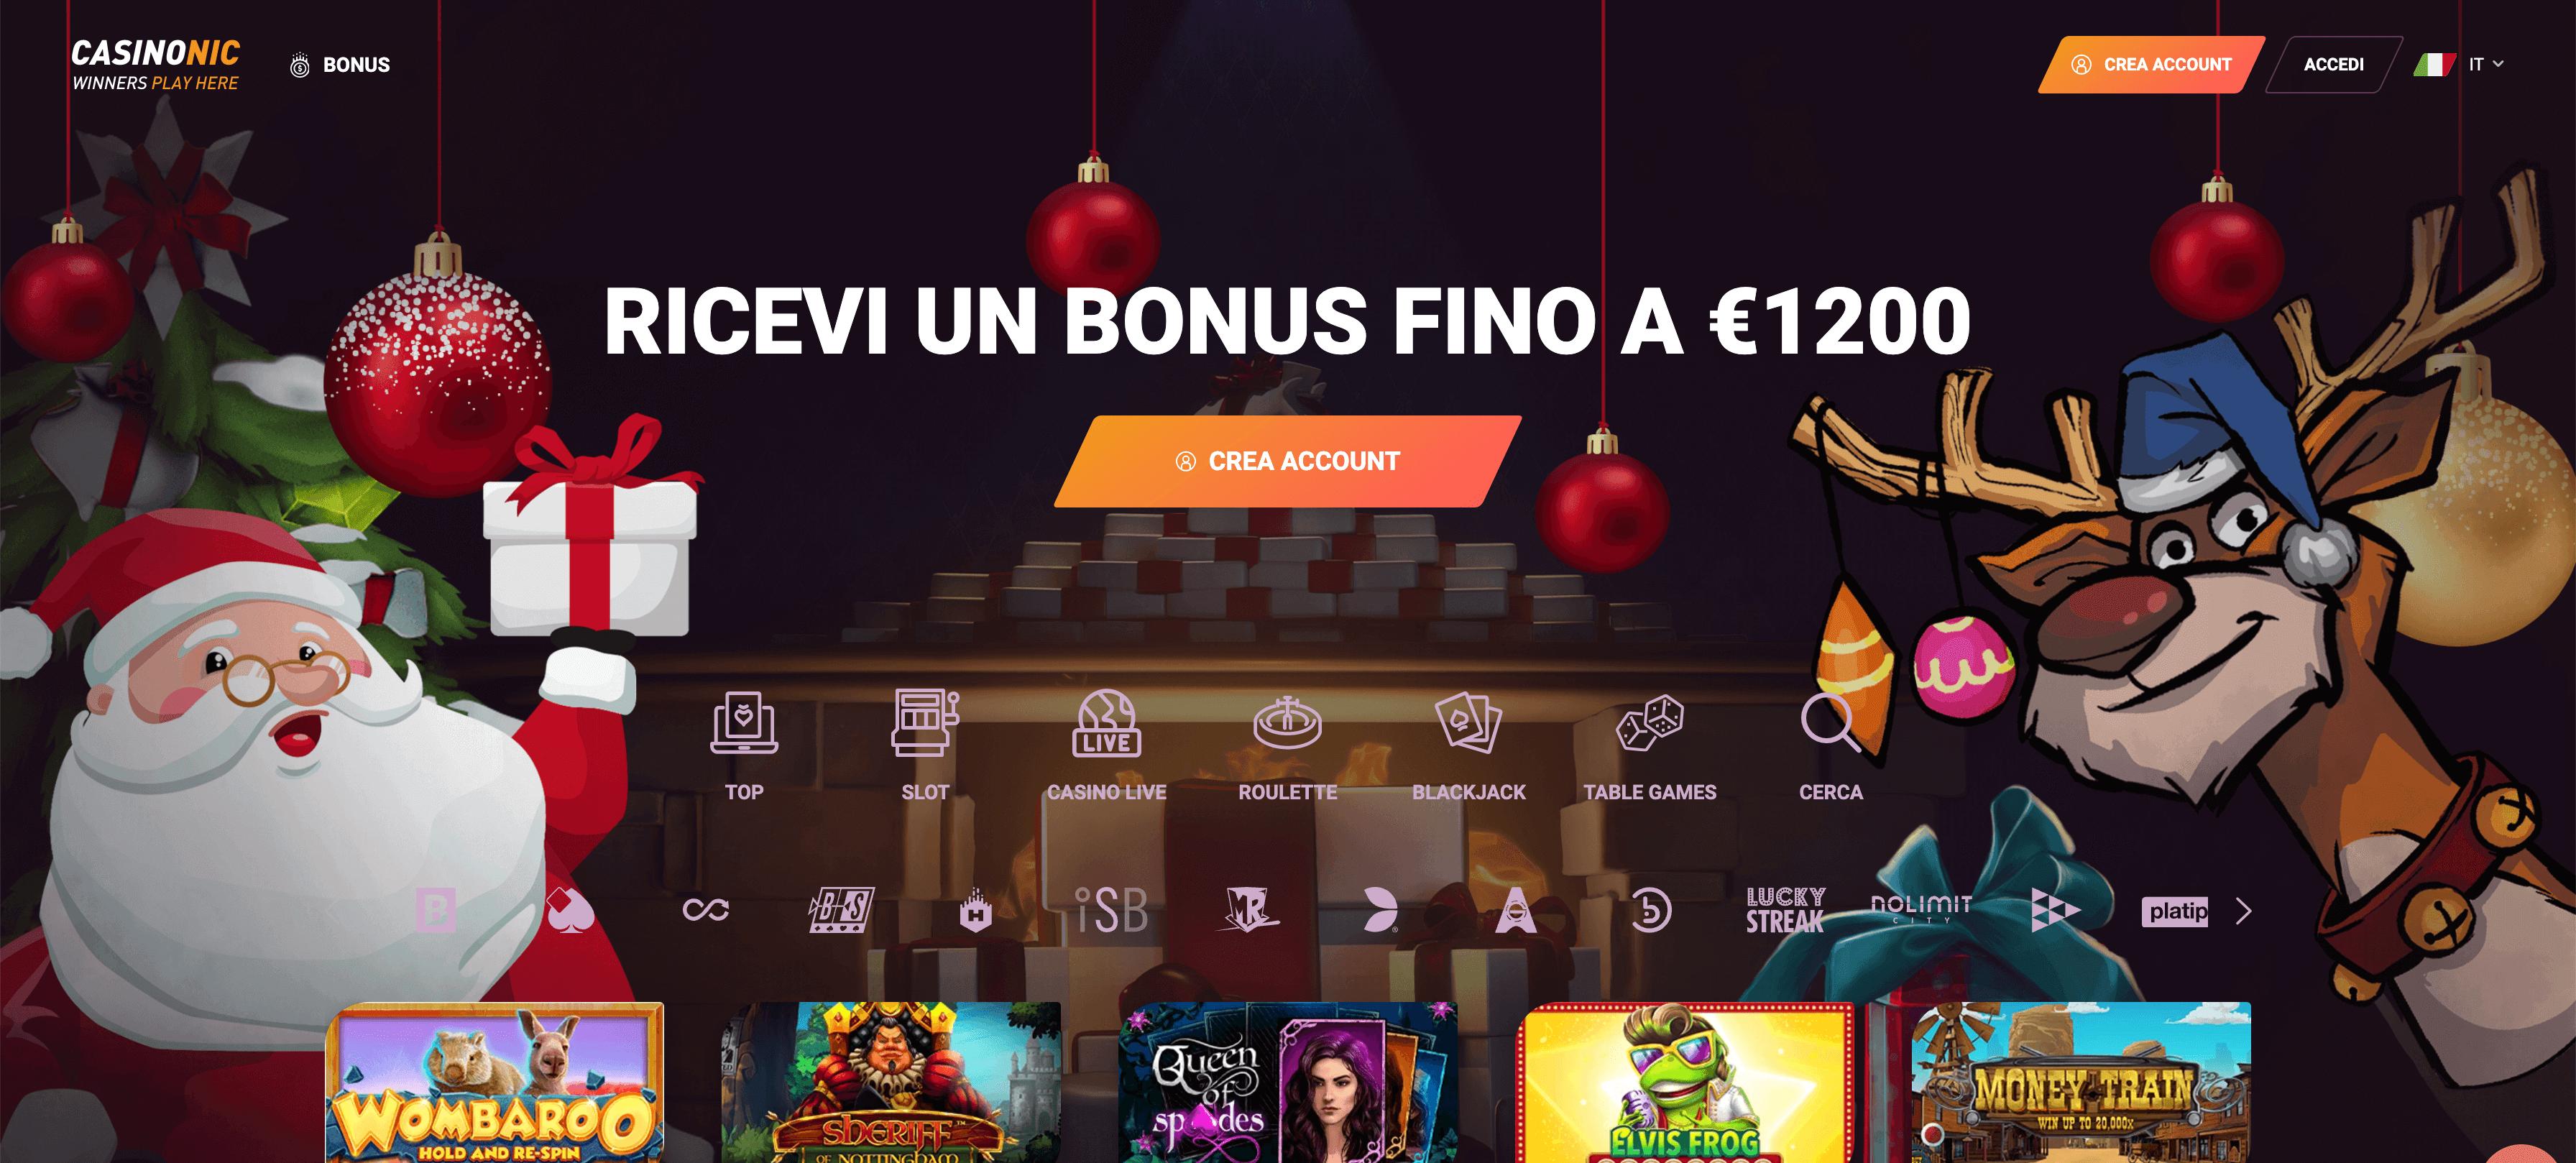 casinonic bonus benvenuto